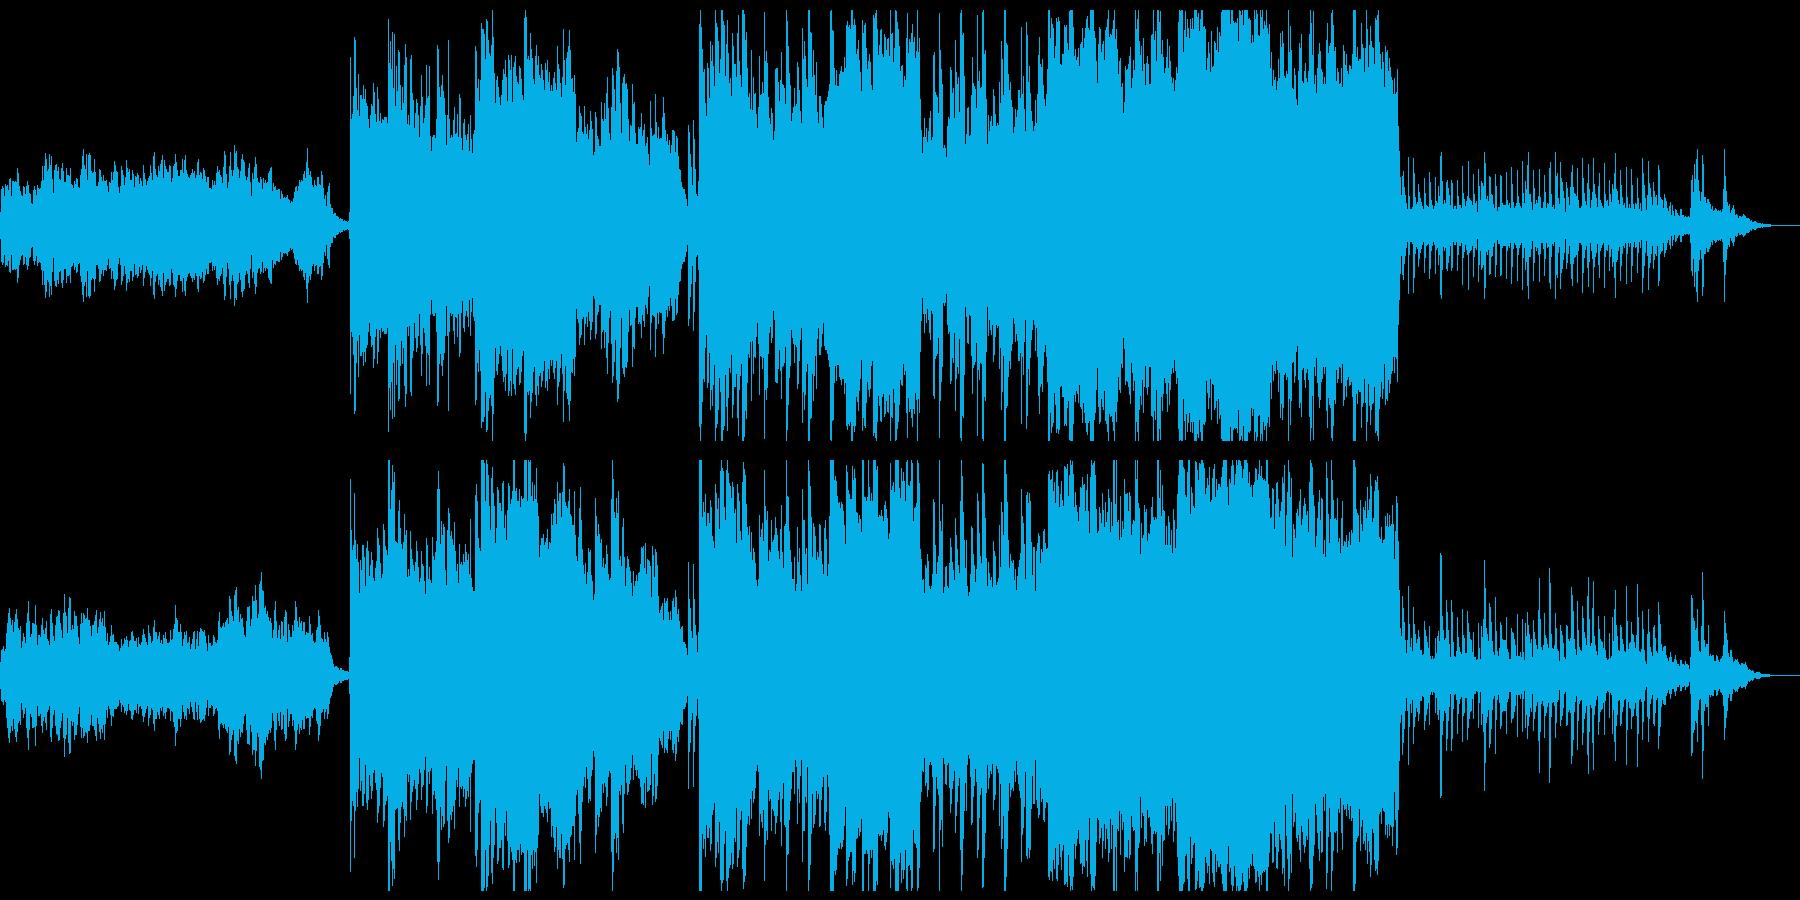 ゲームスタート画面向けBGMの再生済みの波形